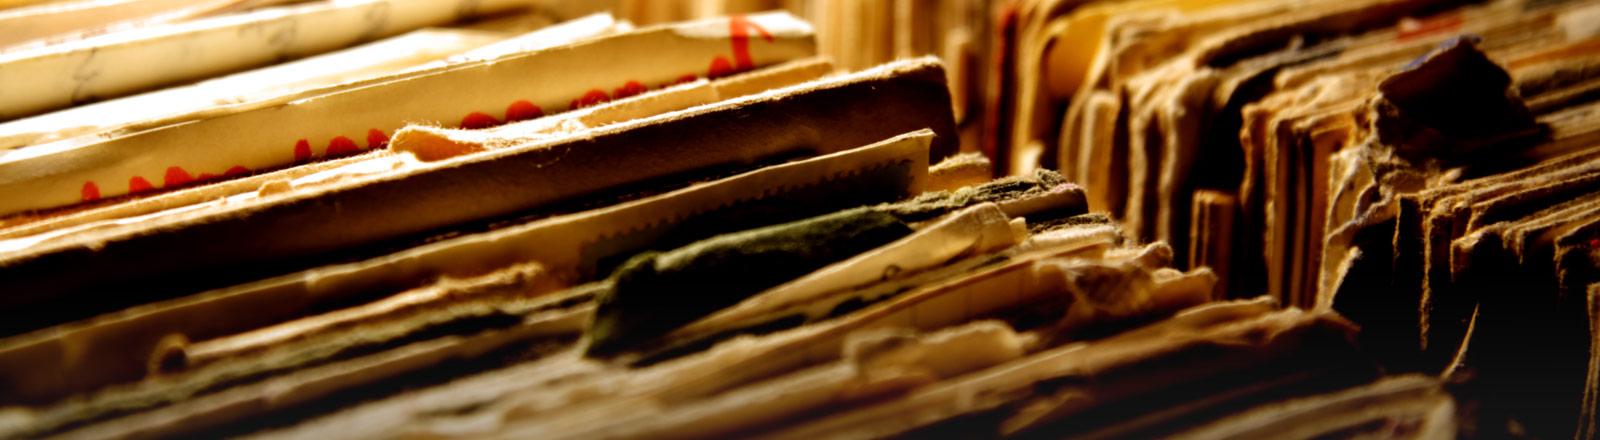 Akten aus Papier in einer Schublade.